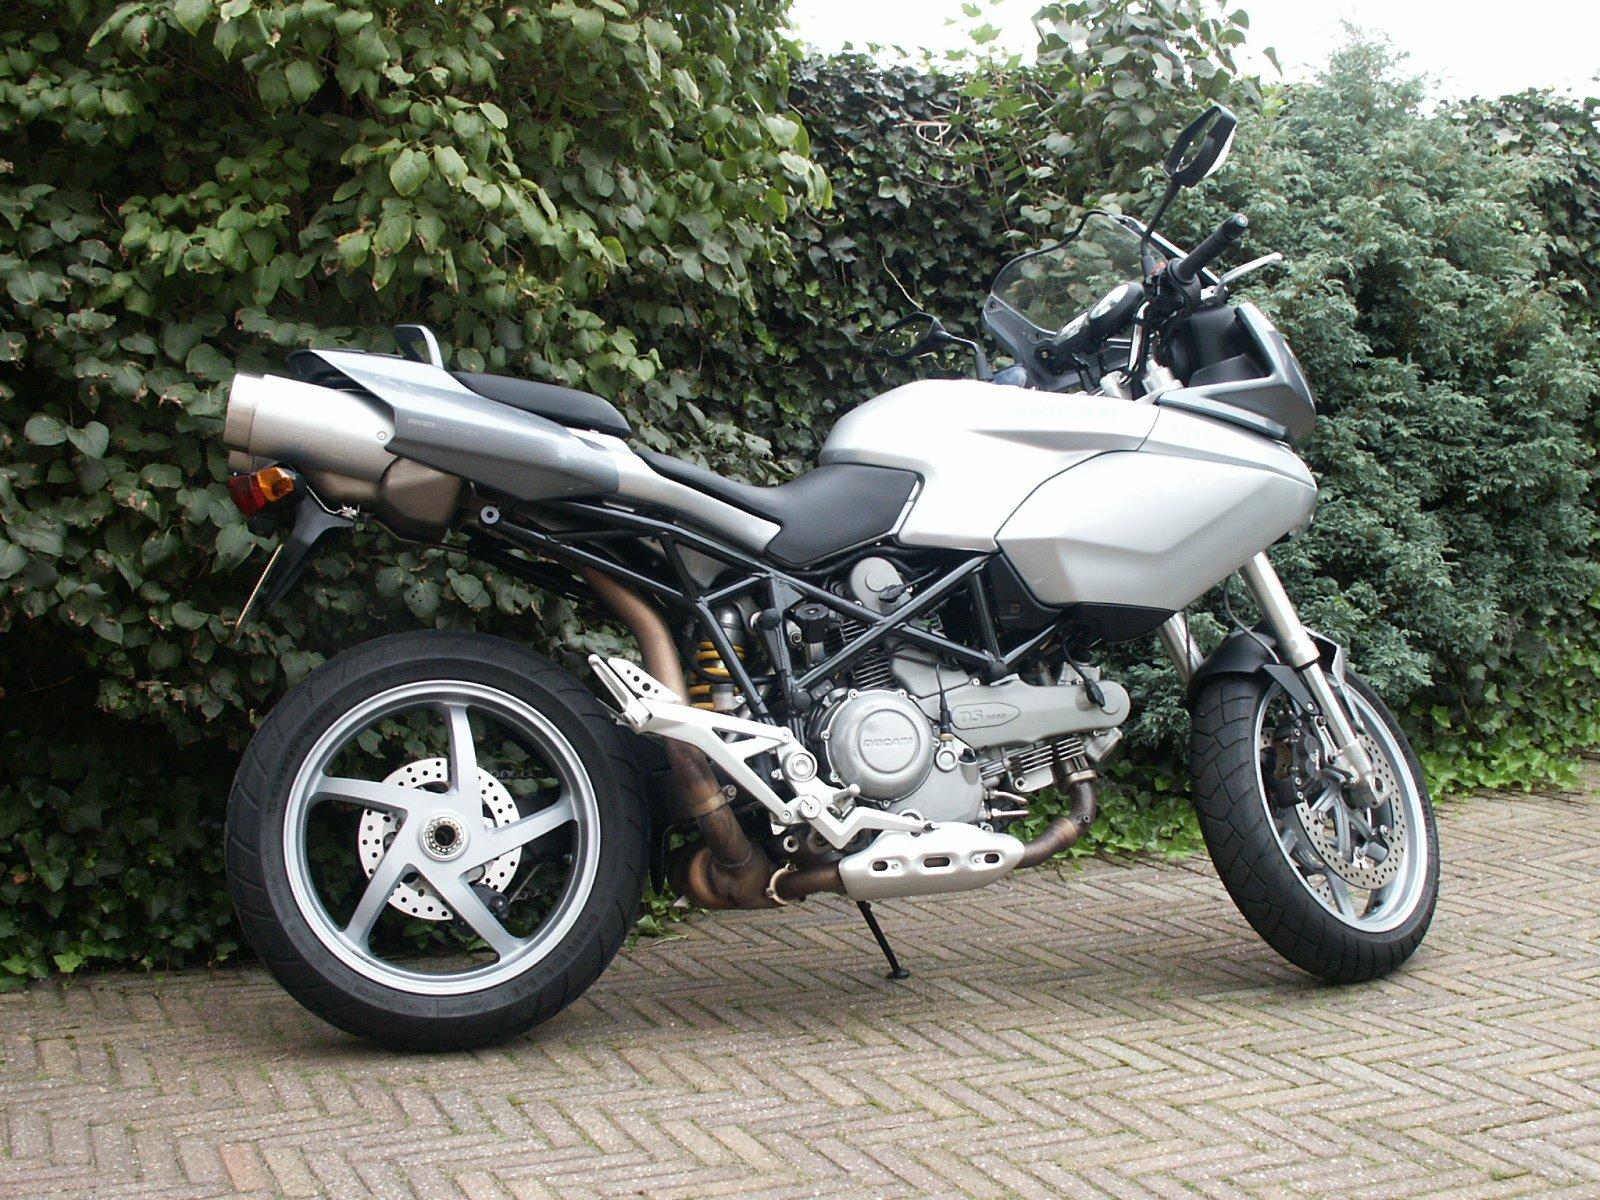 Ducati Multistrada 1000 DS 2005